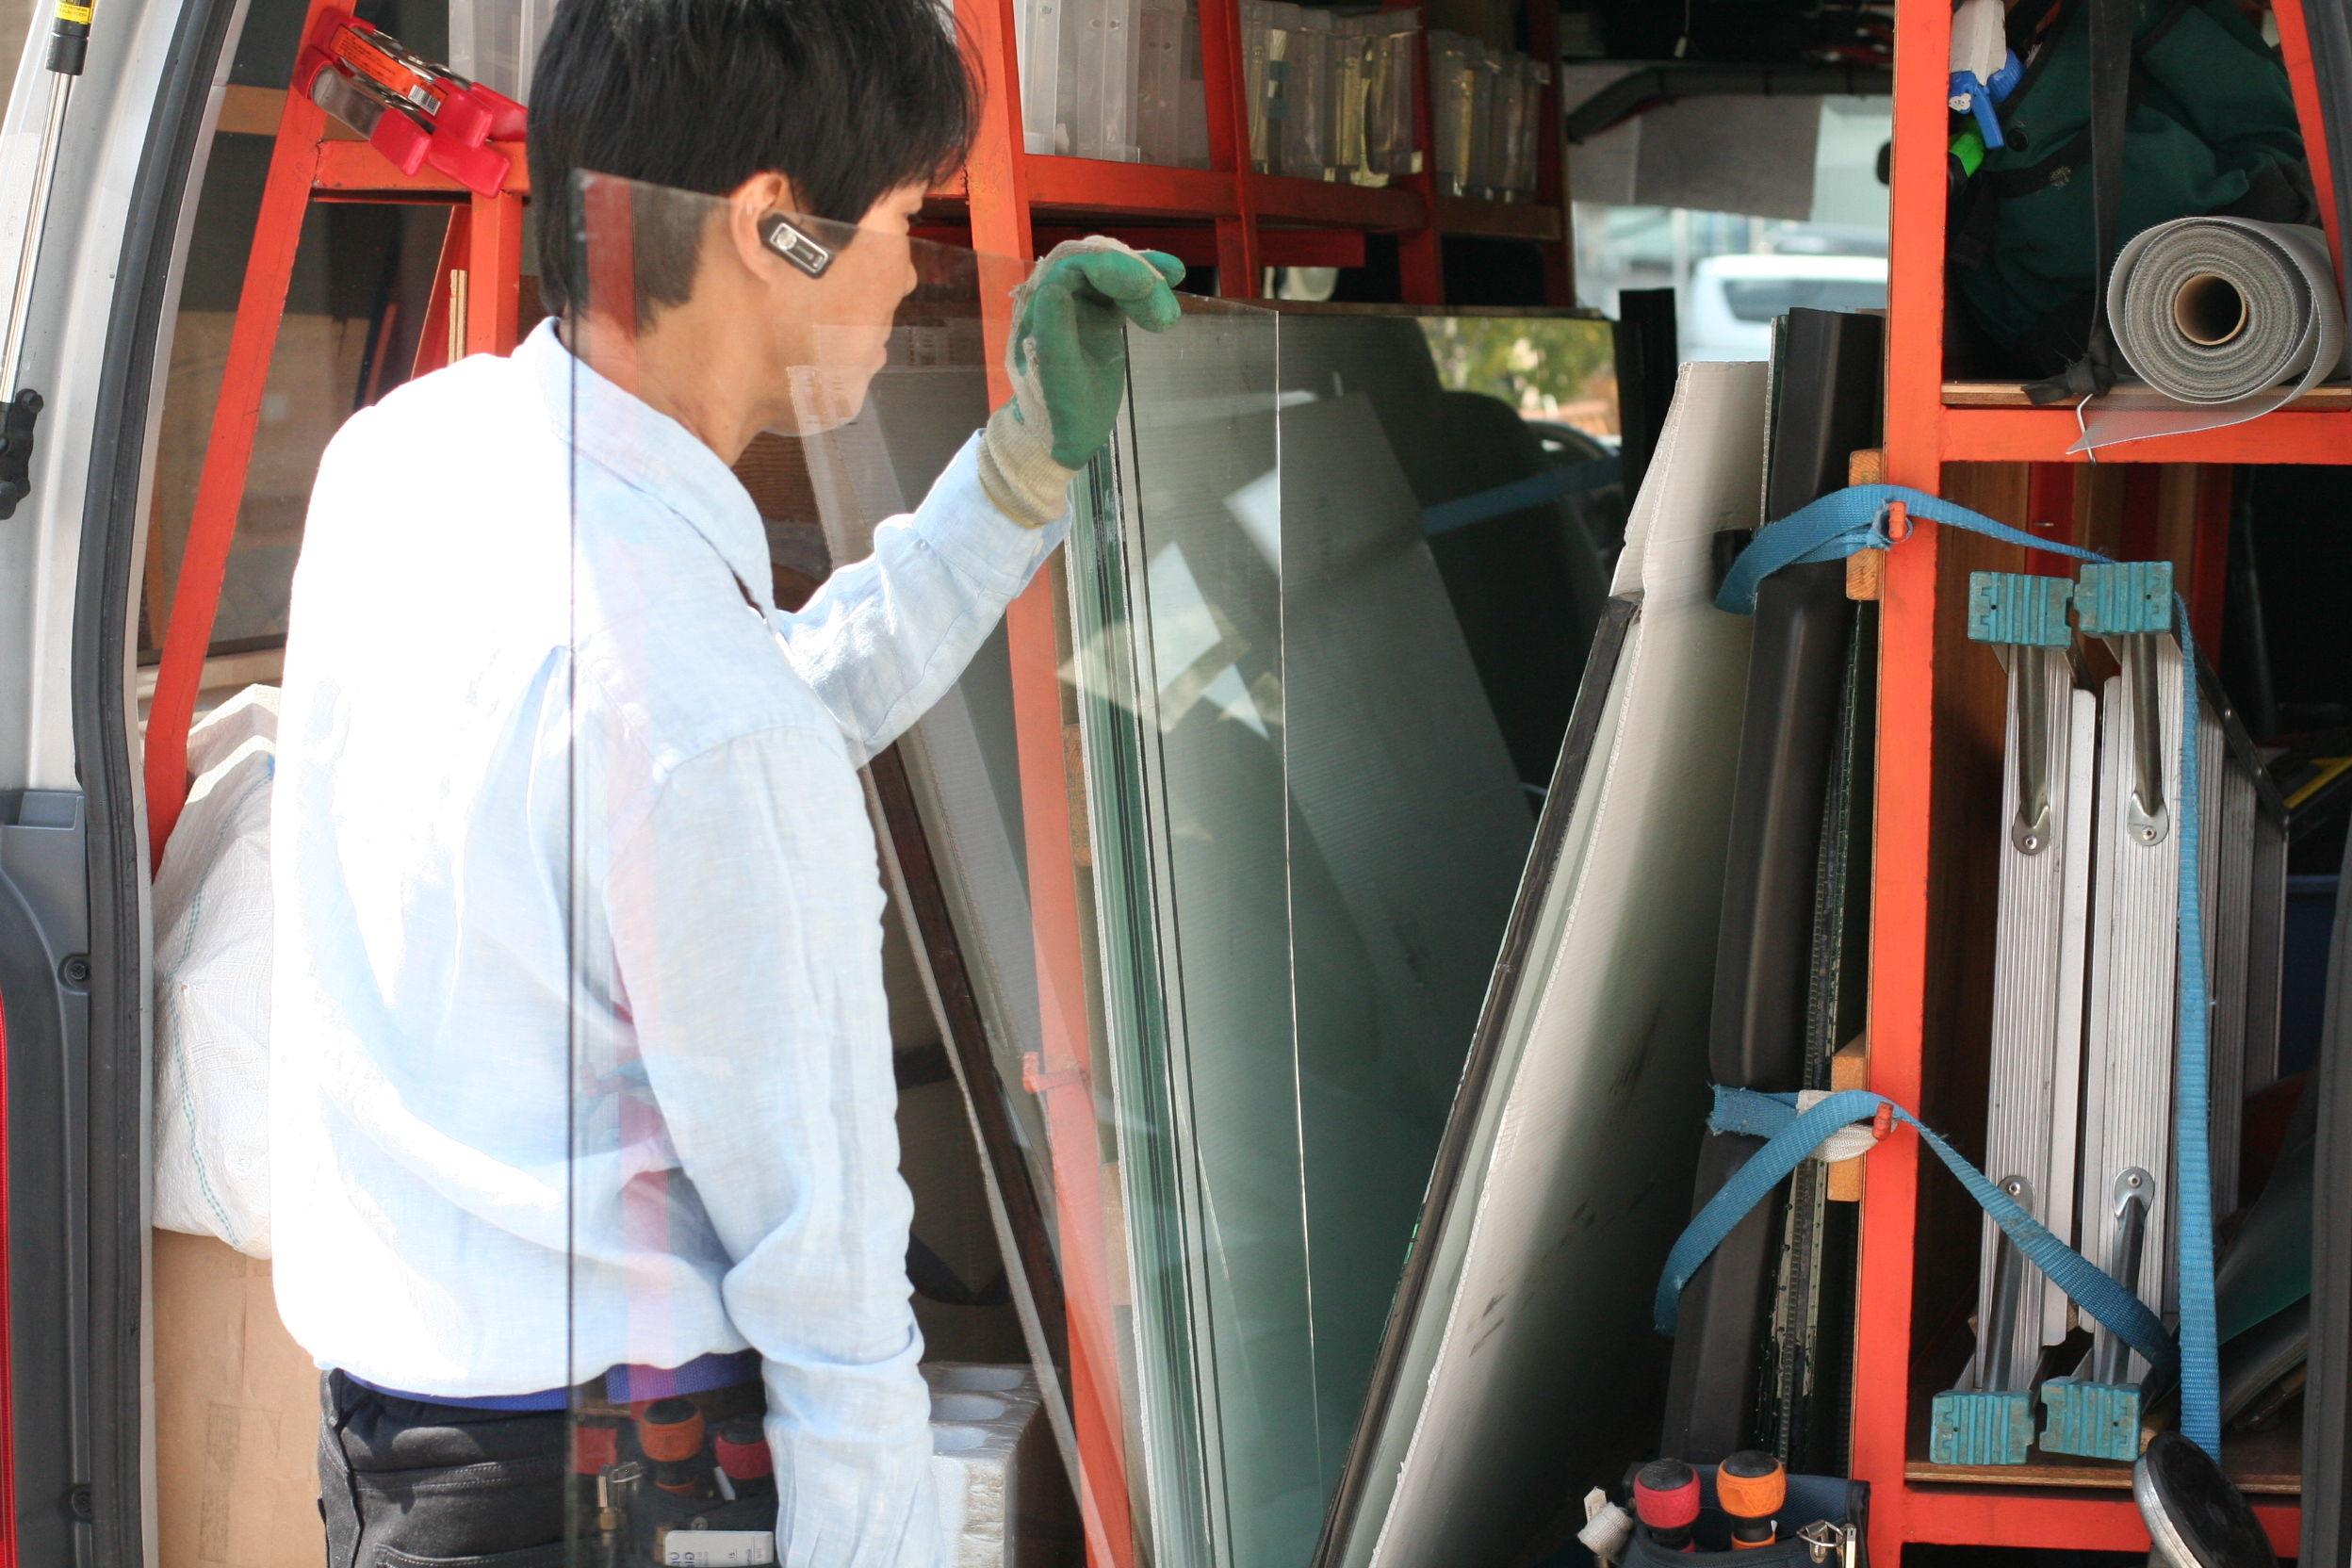 ガラスのトラブル救Q隊.24【泉佐野市 出張エリア】の店内・外観画像2